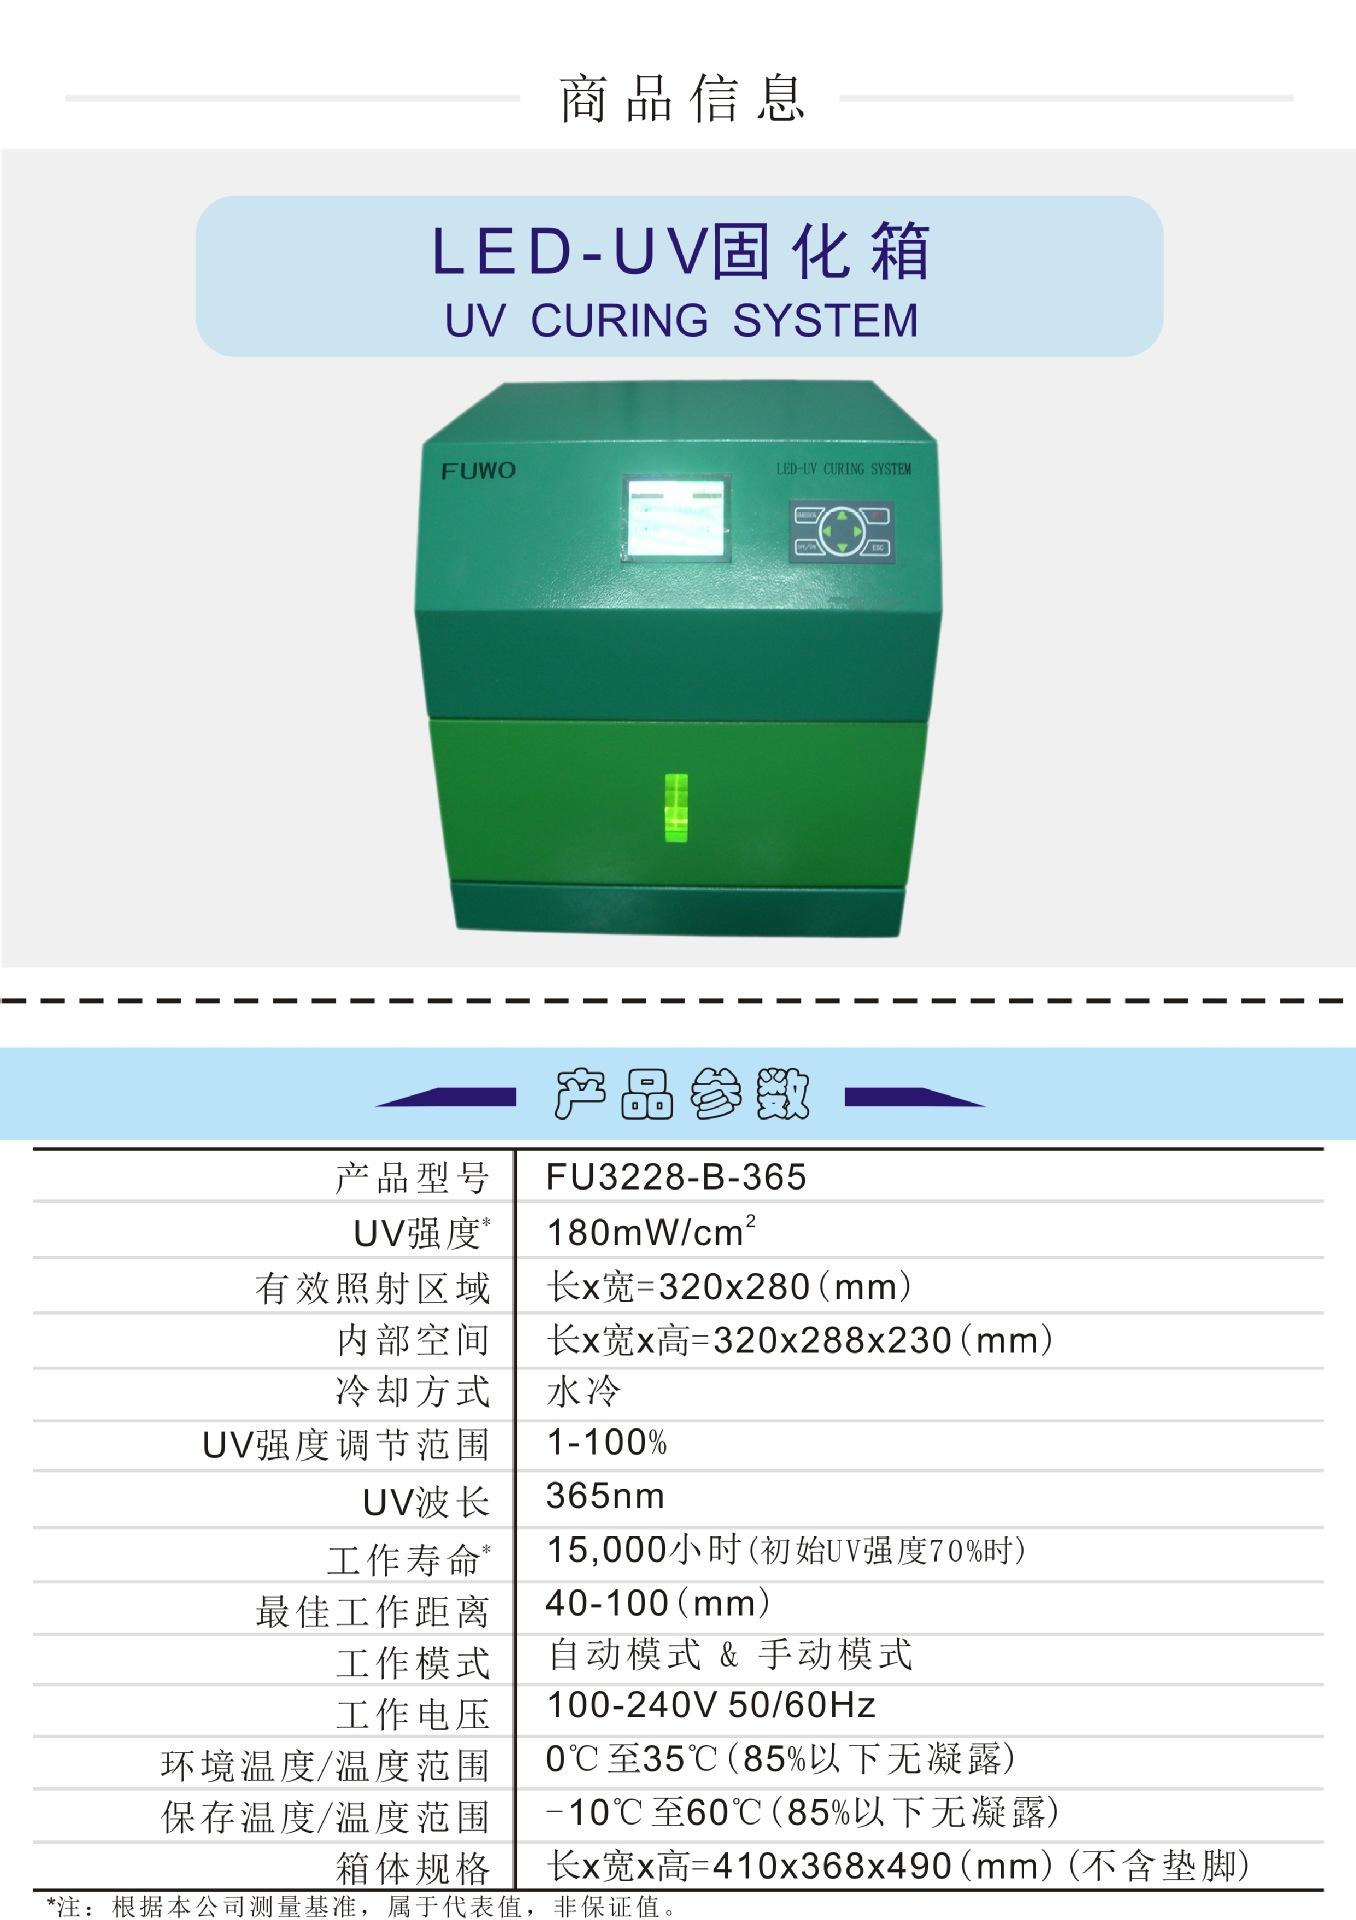 光固化机_uvled光固化机uvled固化设备uvled厂家